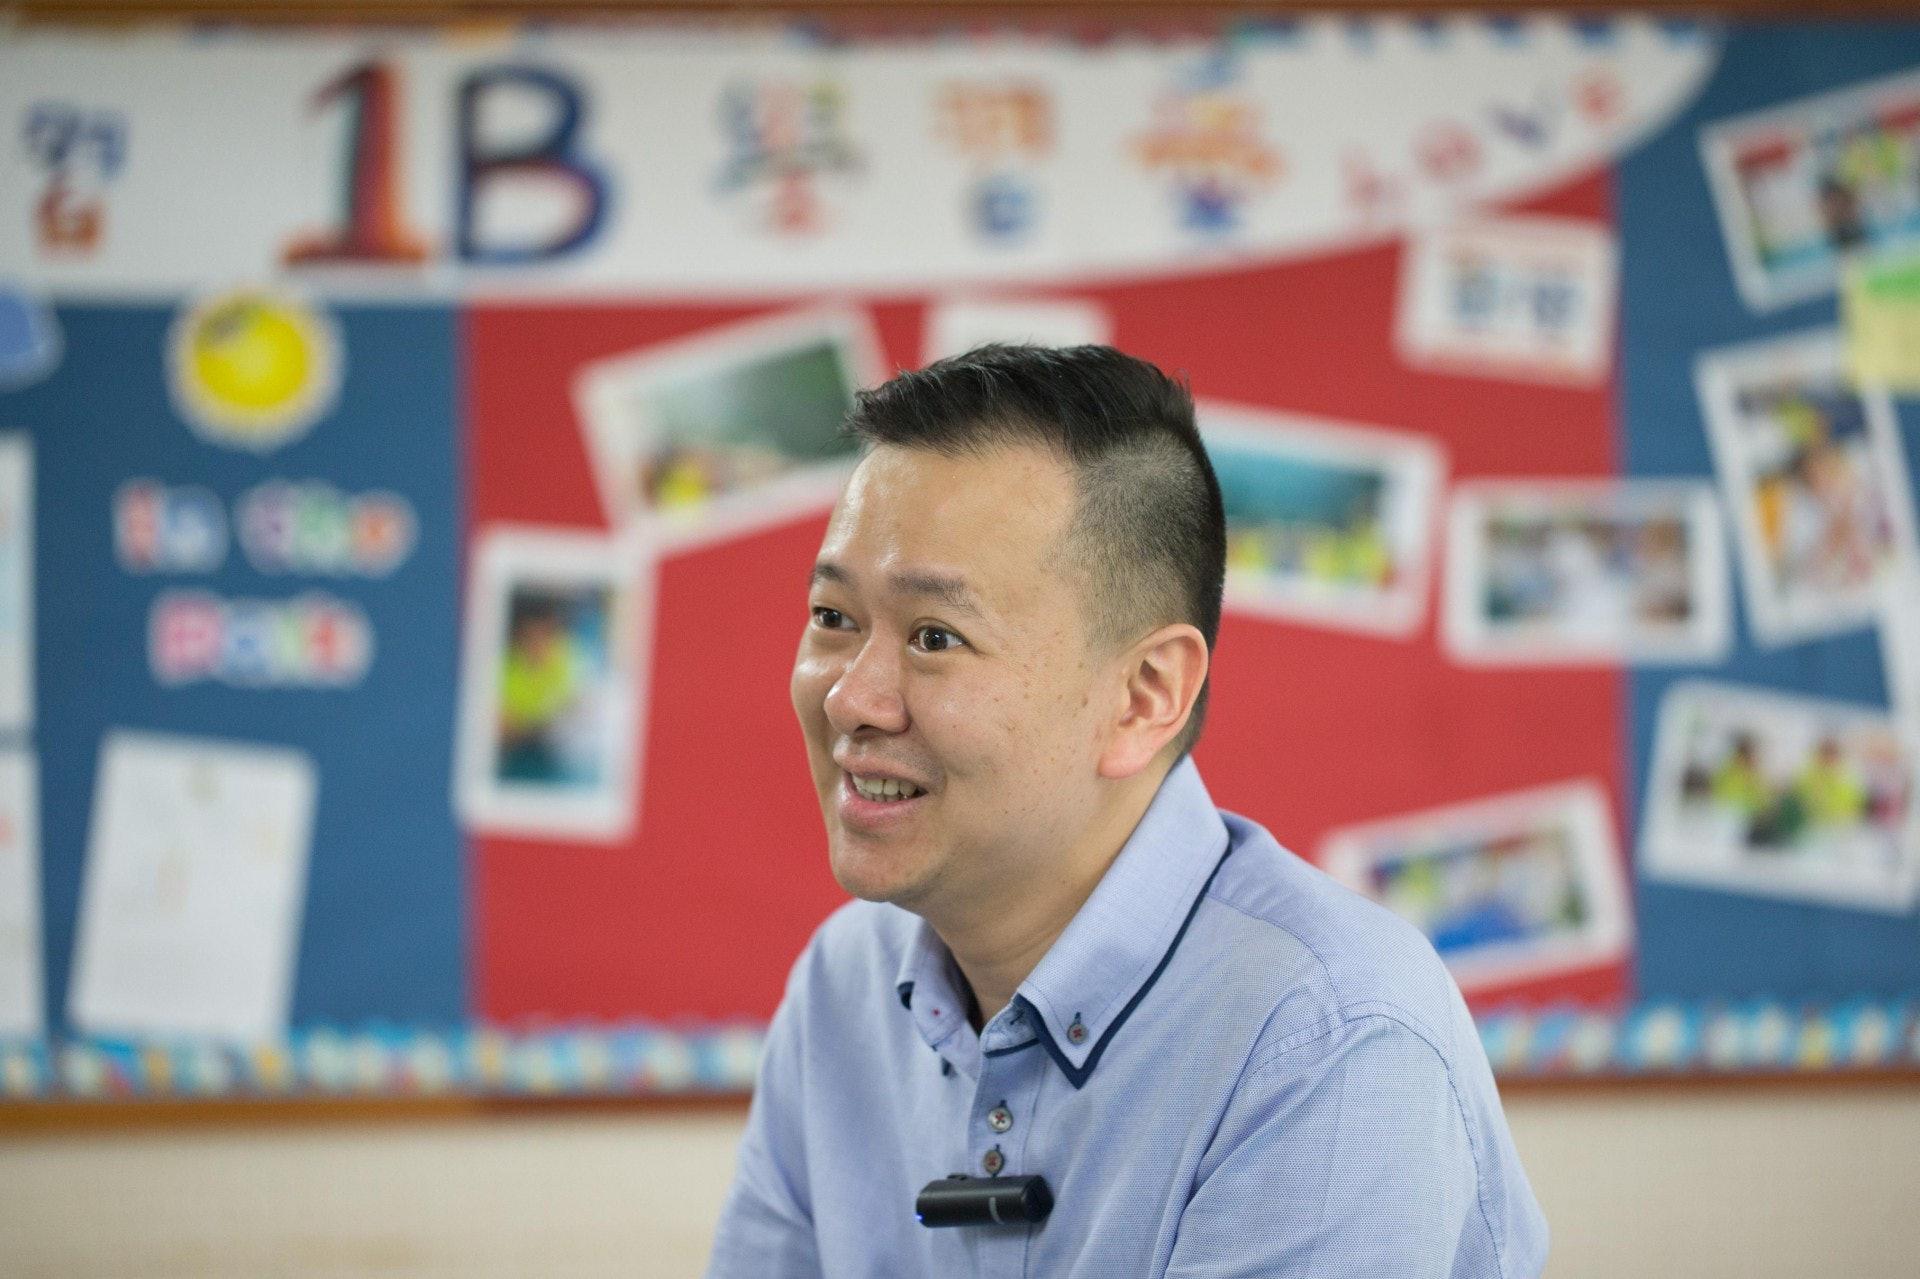 馮耀章:「世界不斷發展,教育不斷進步,如果問我會唔會咩都不變,係無可能。」(梁鵬威攝)